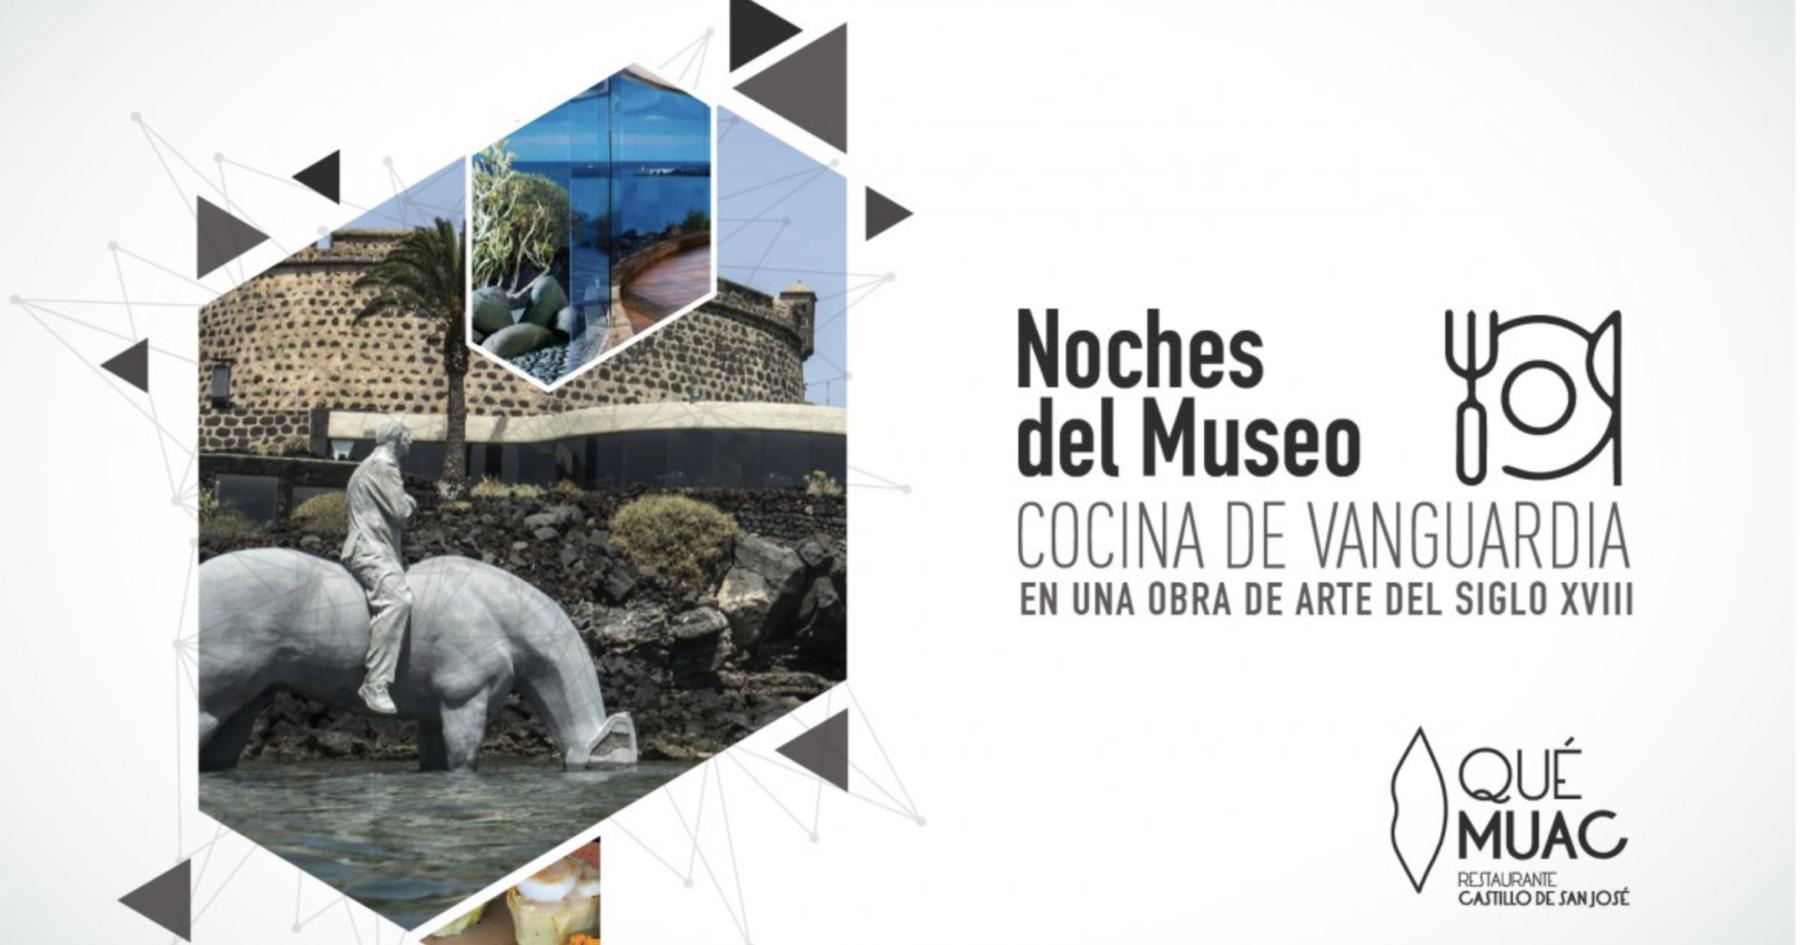 https://turismolanzarote.com/wp-content/uploads/2018/06/Captura-de-pantalla-2018-06-04-a-las-12.03.13.png